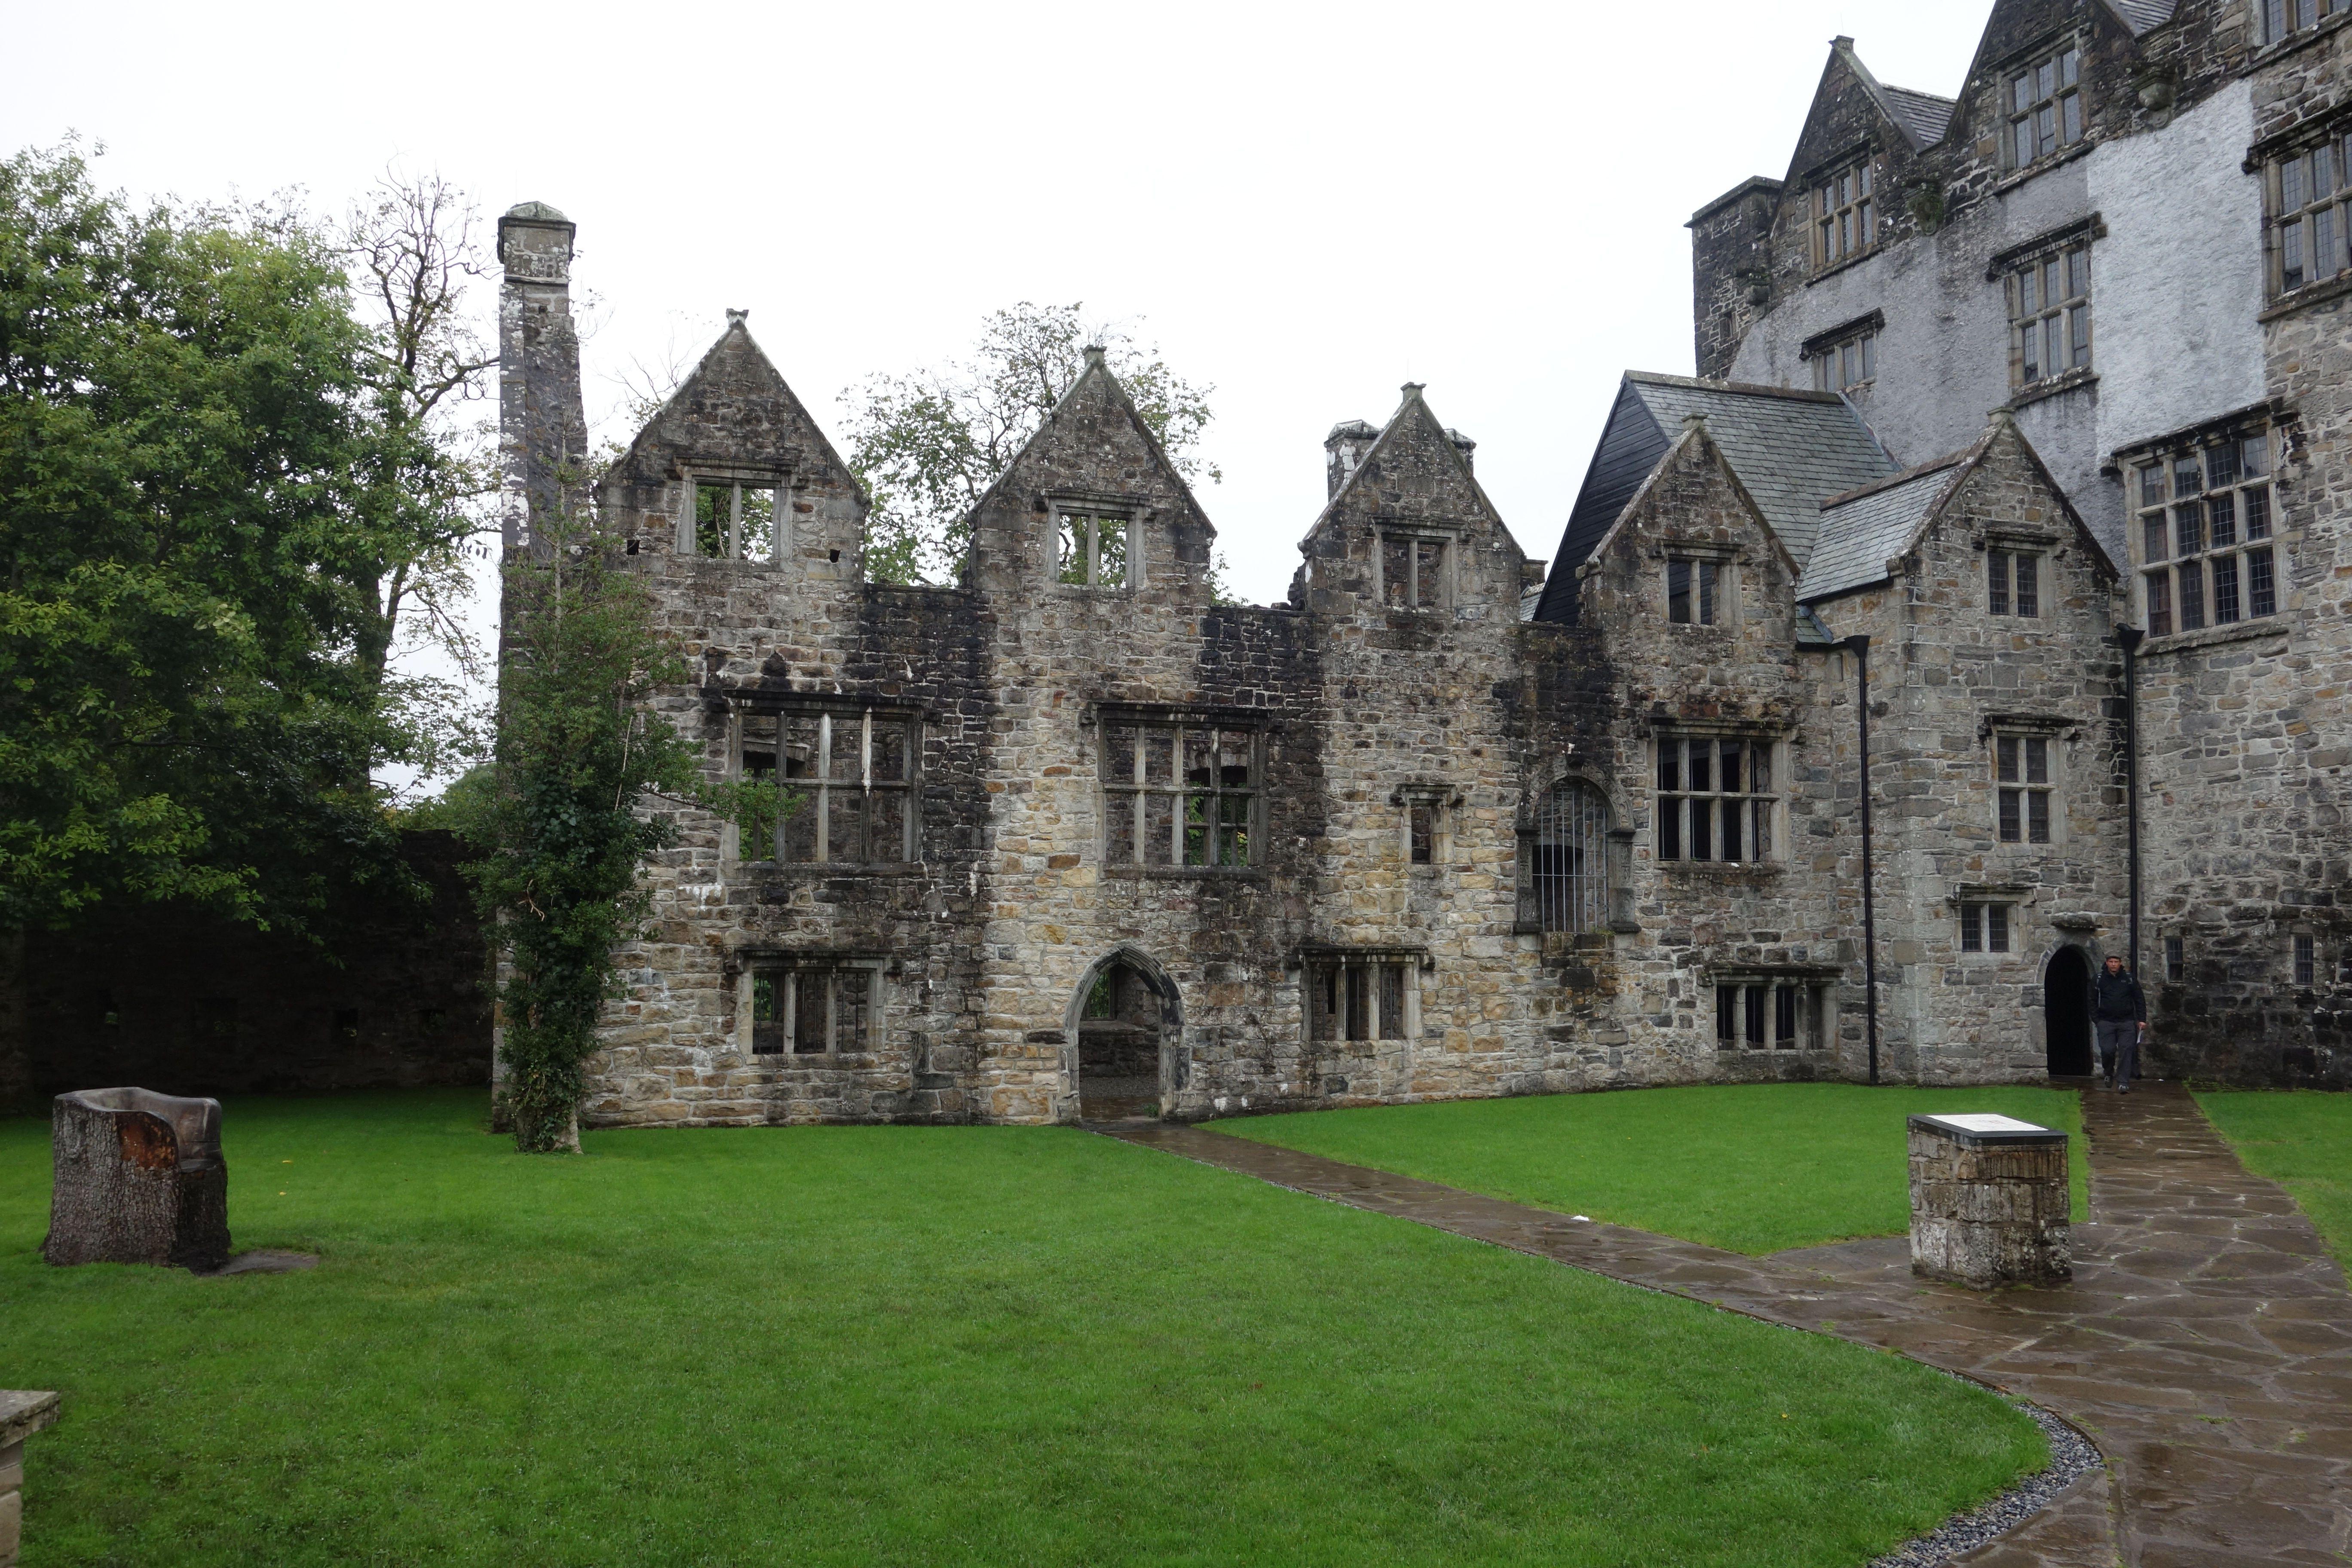 Figure 3. Donegal Castle exterior